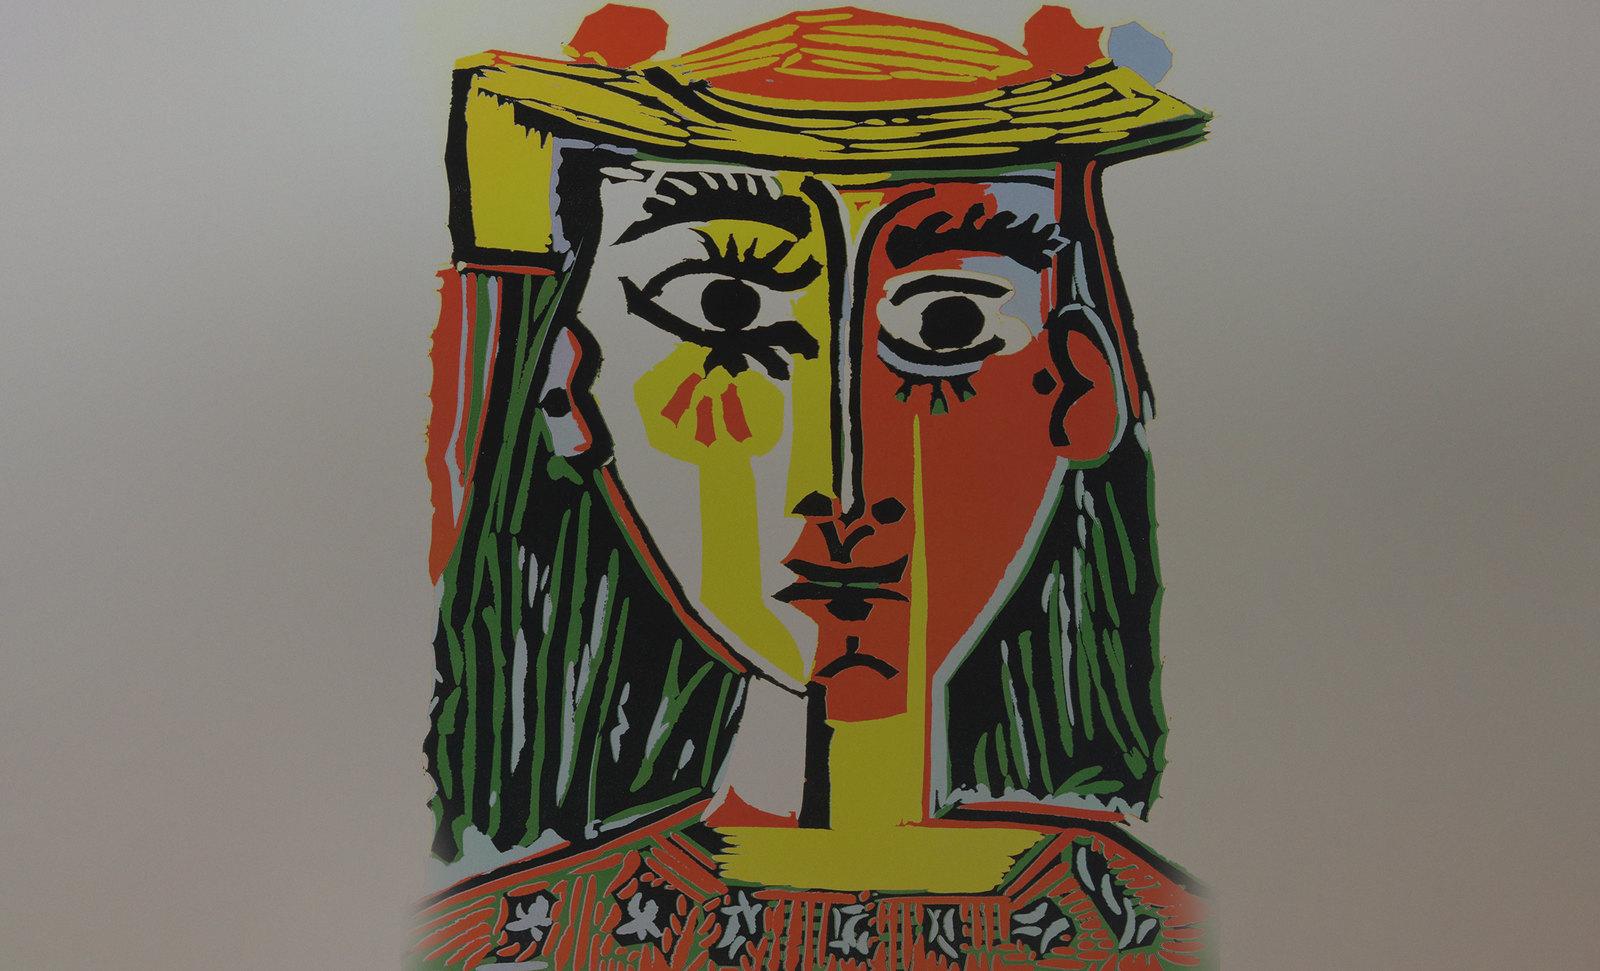 Damas Españolas, visualizaciones de Doménikus Theokópoulos el Greco (1596), enfatizaciones de Pablo Picasso (1966).